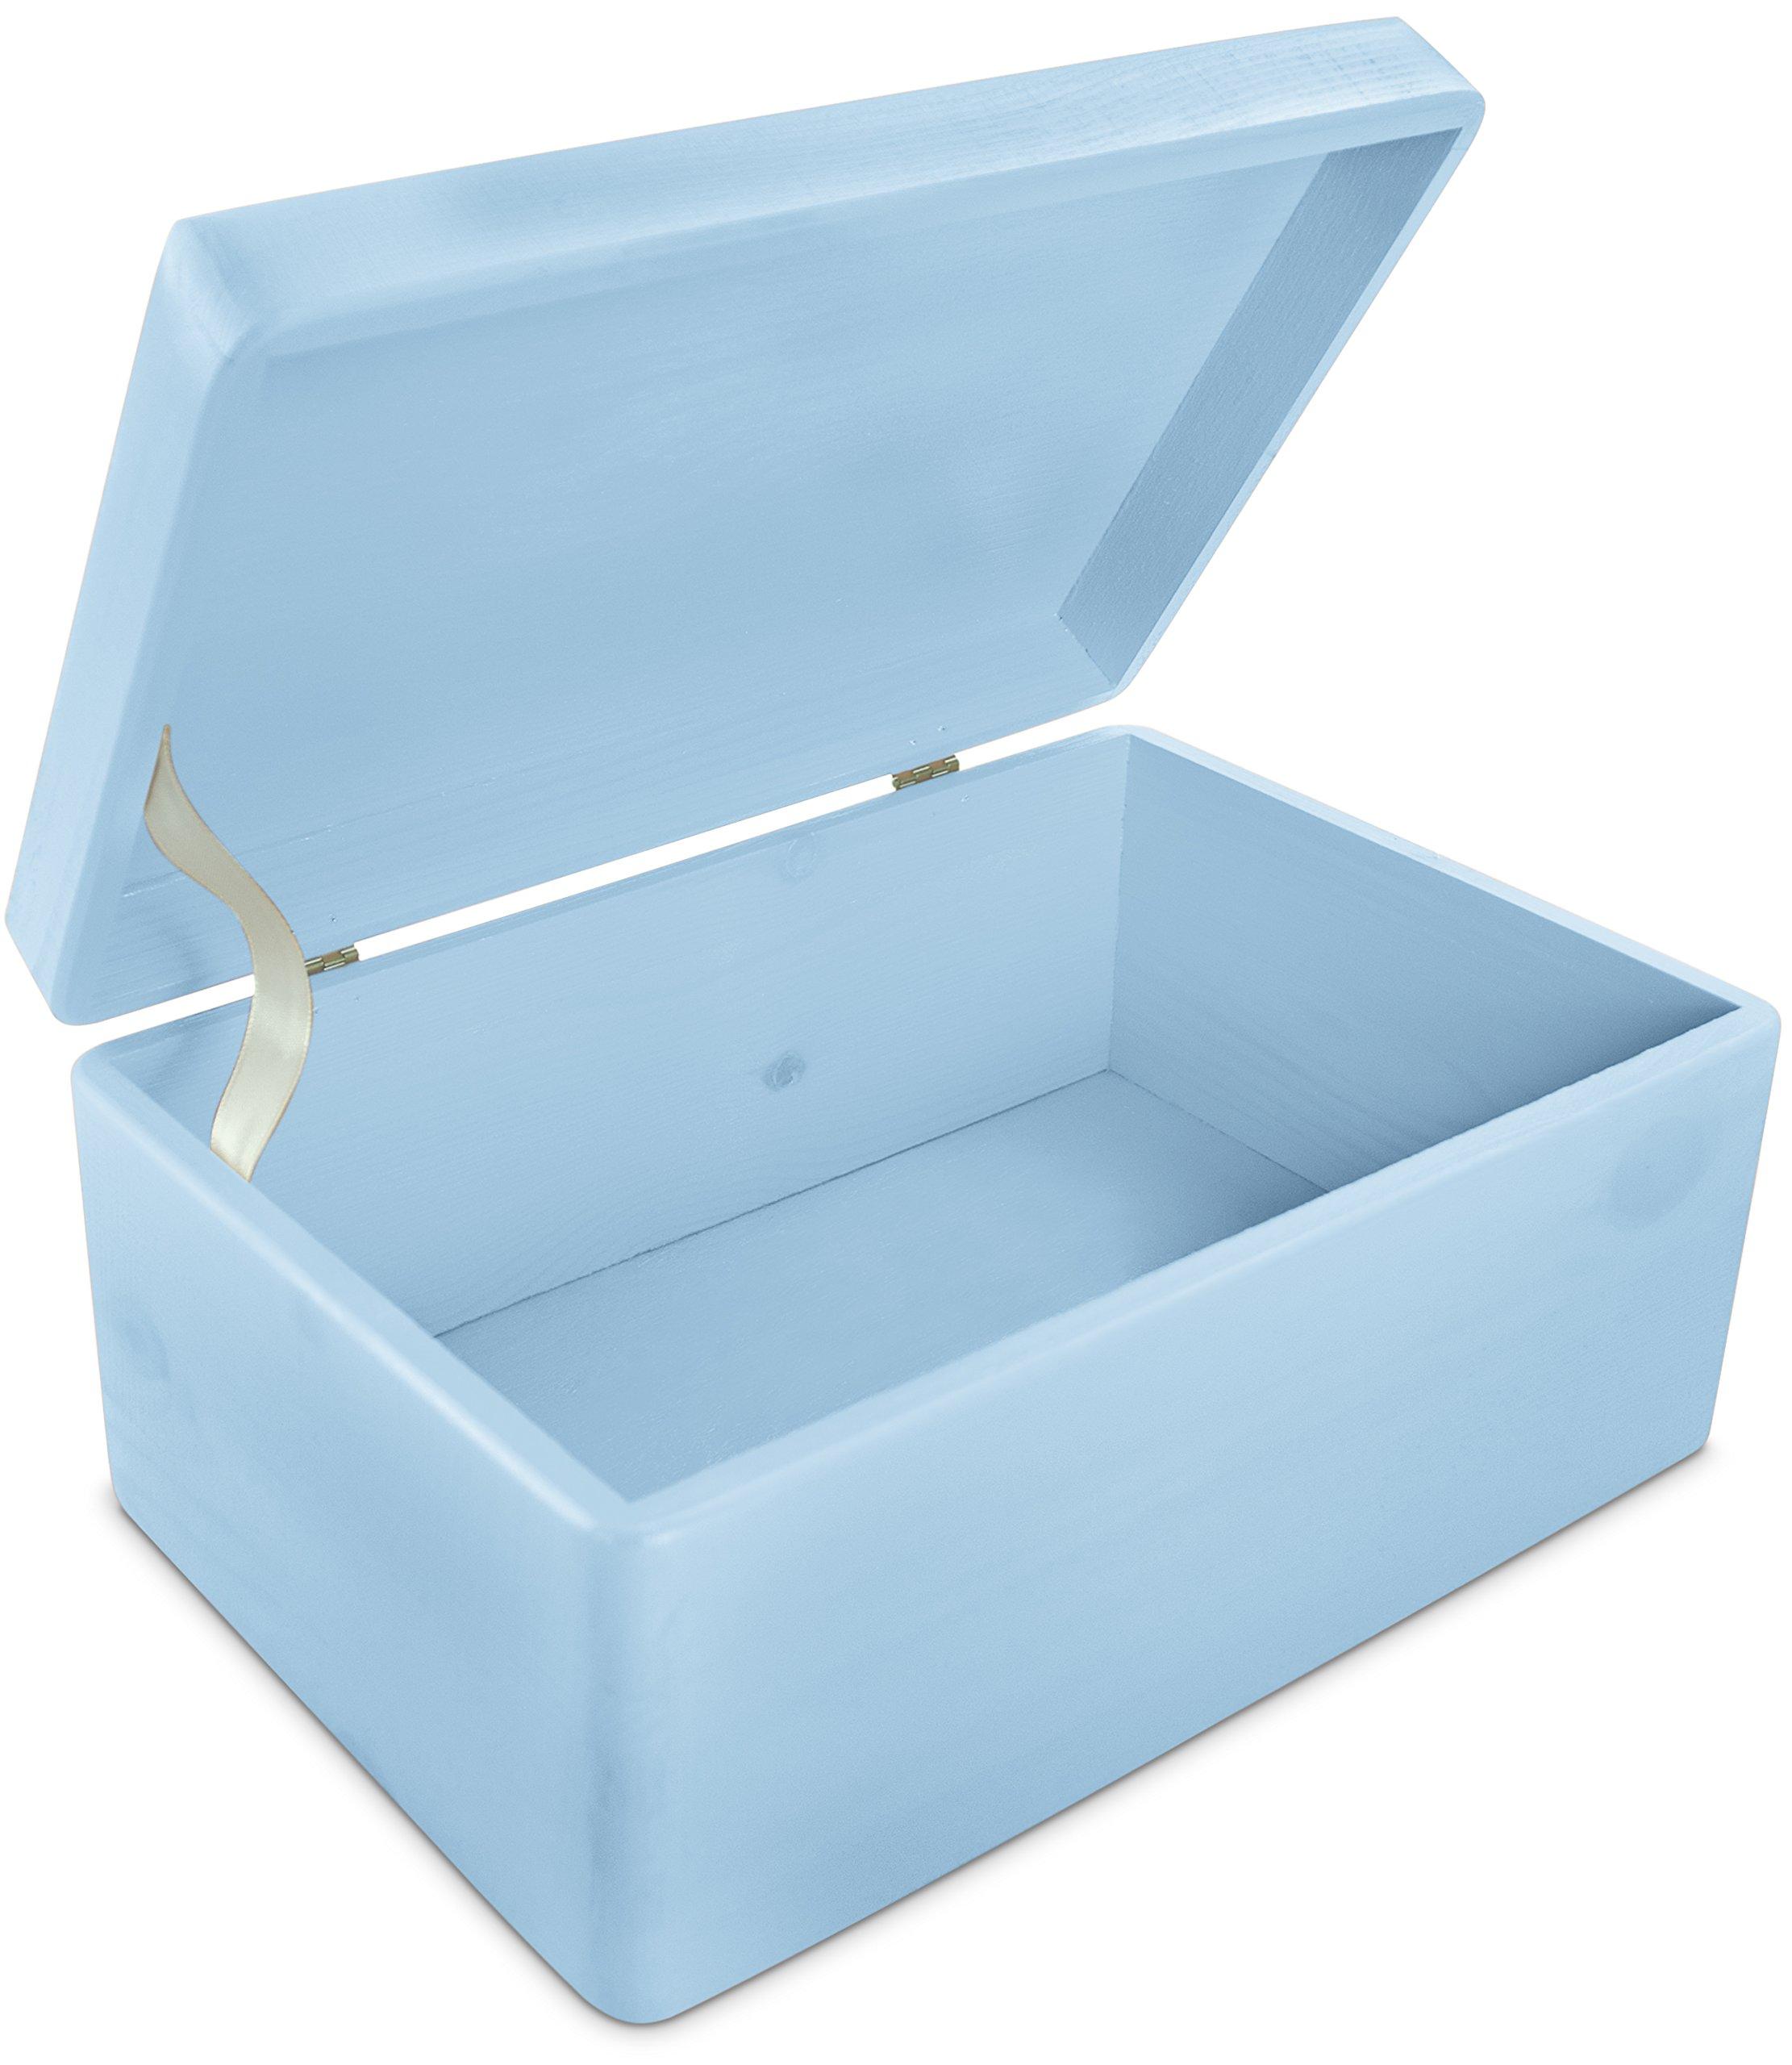 LAUBLUST Große Holzkiste mit Deckel - 30x20x14cm, Blau, FSC® | Allzweck-Kiste aus Holz - Aufbewahrungskiste | Spielzeug…